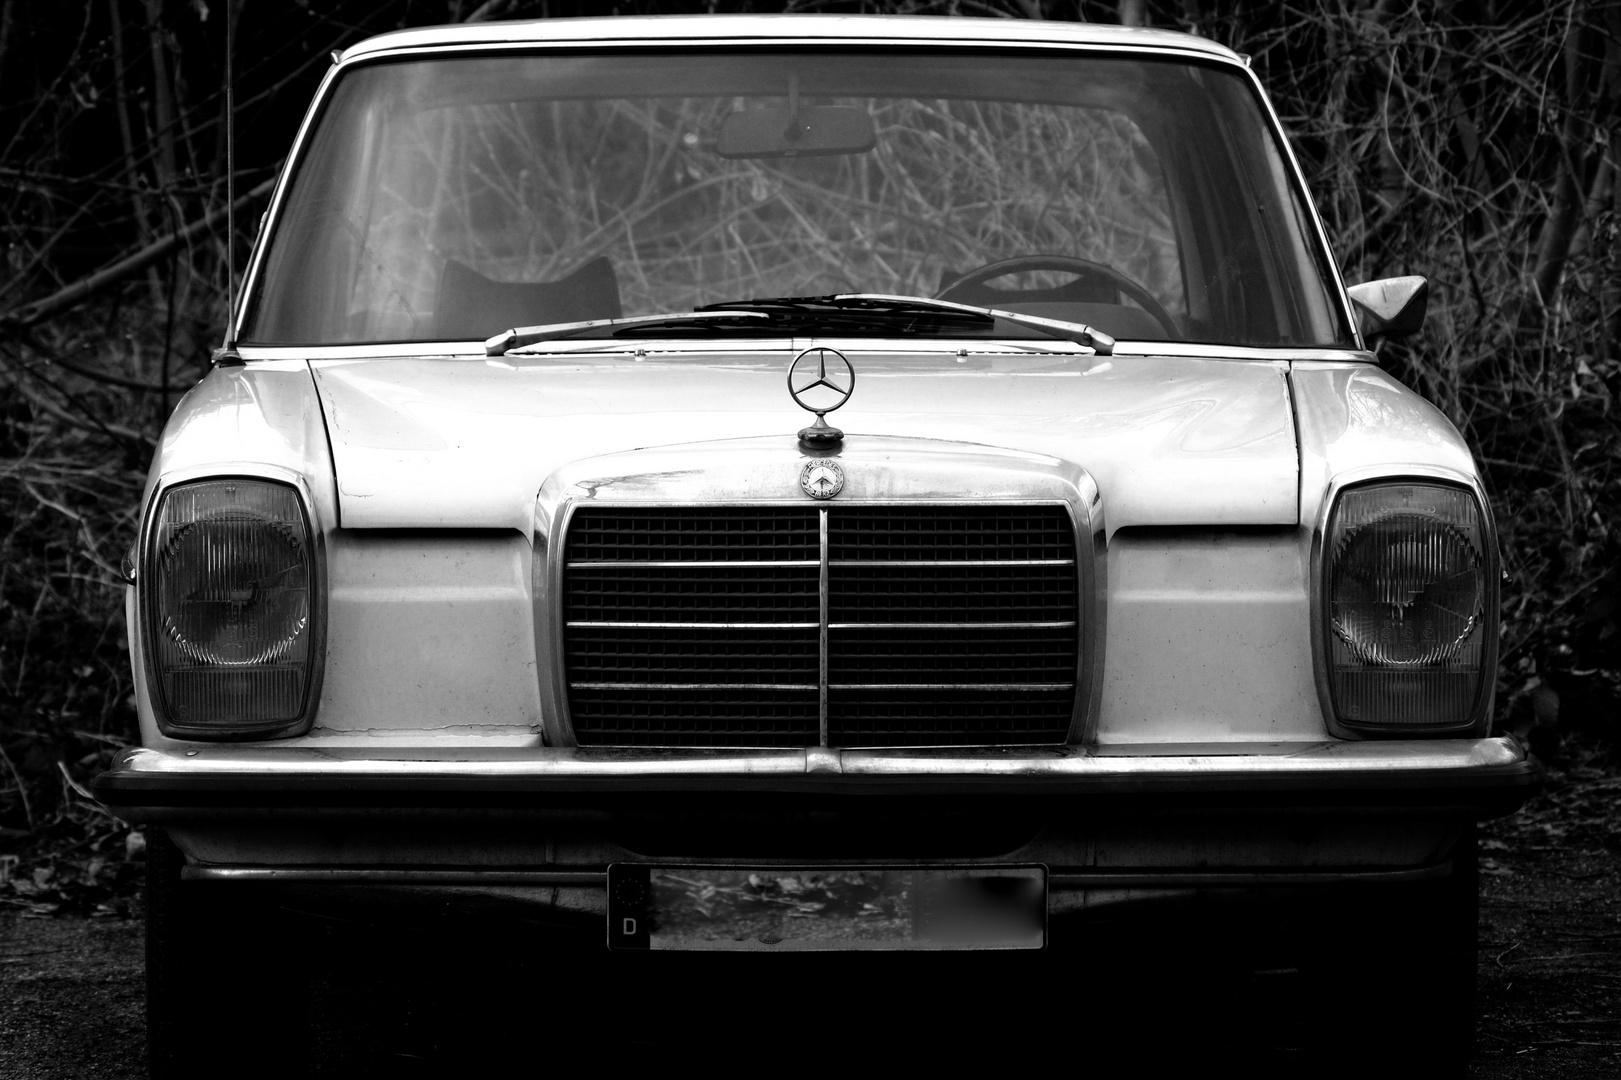 Karl das Auto